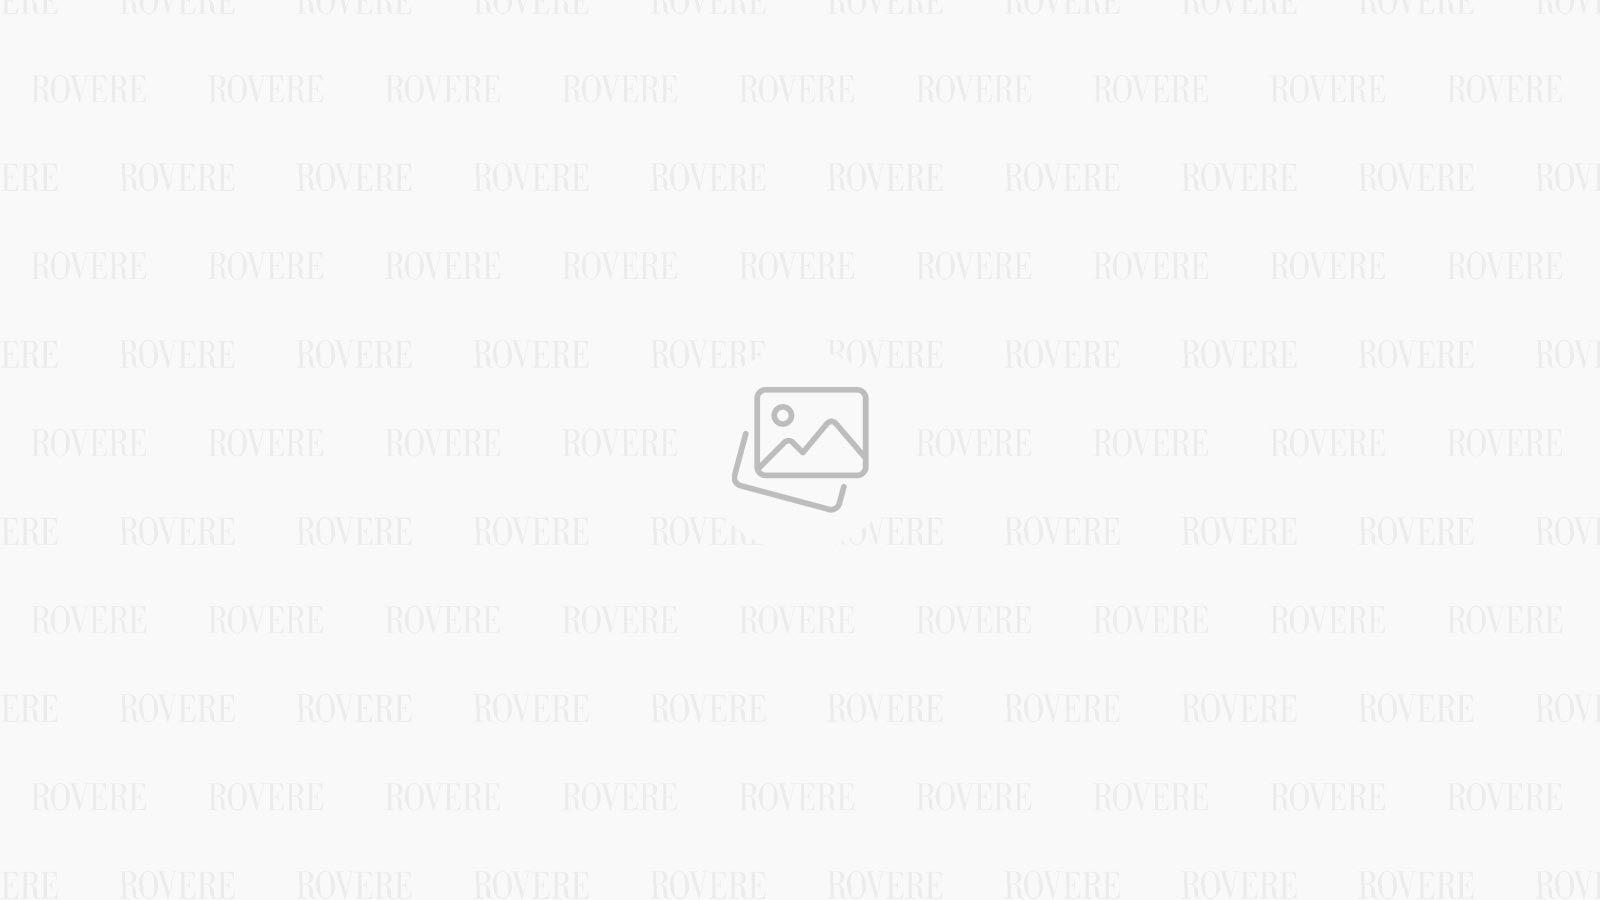 Taburet Modern Barock Blue Velvet Gold 55 cm